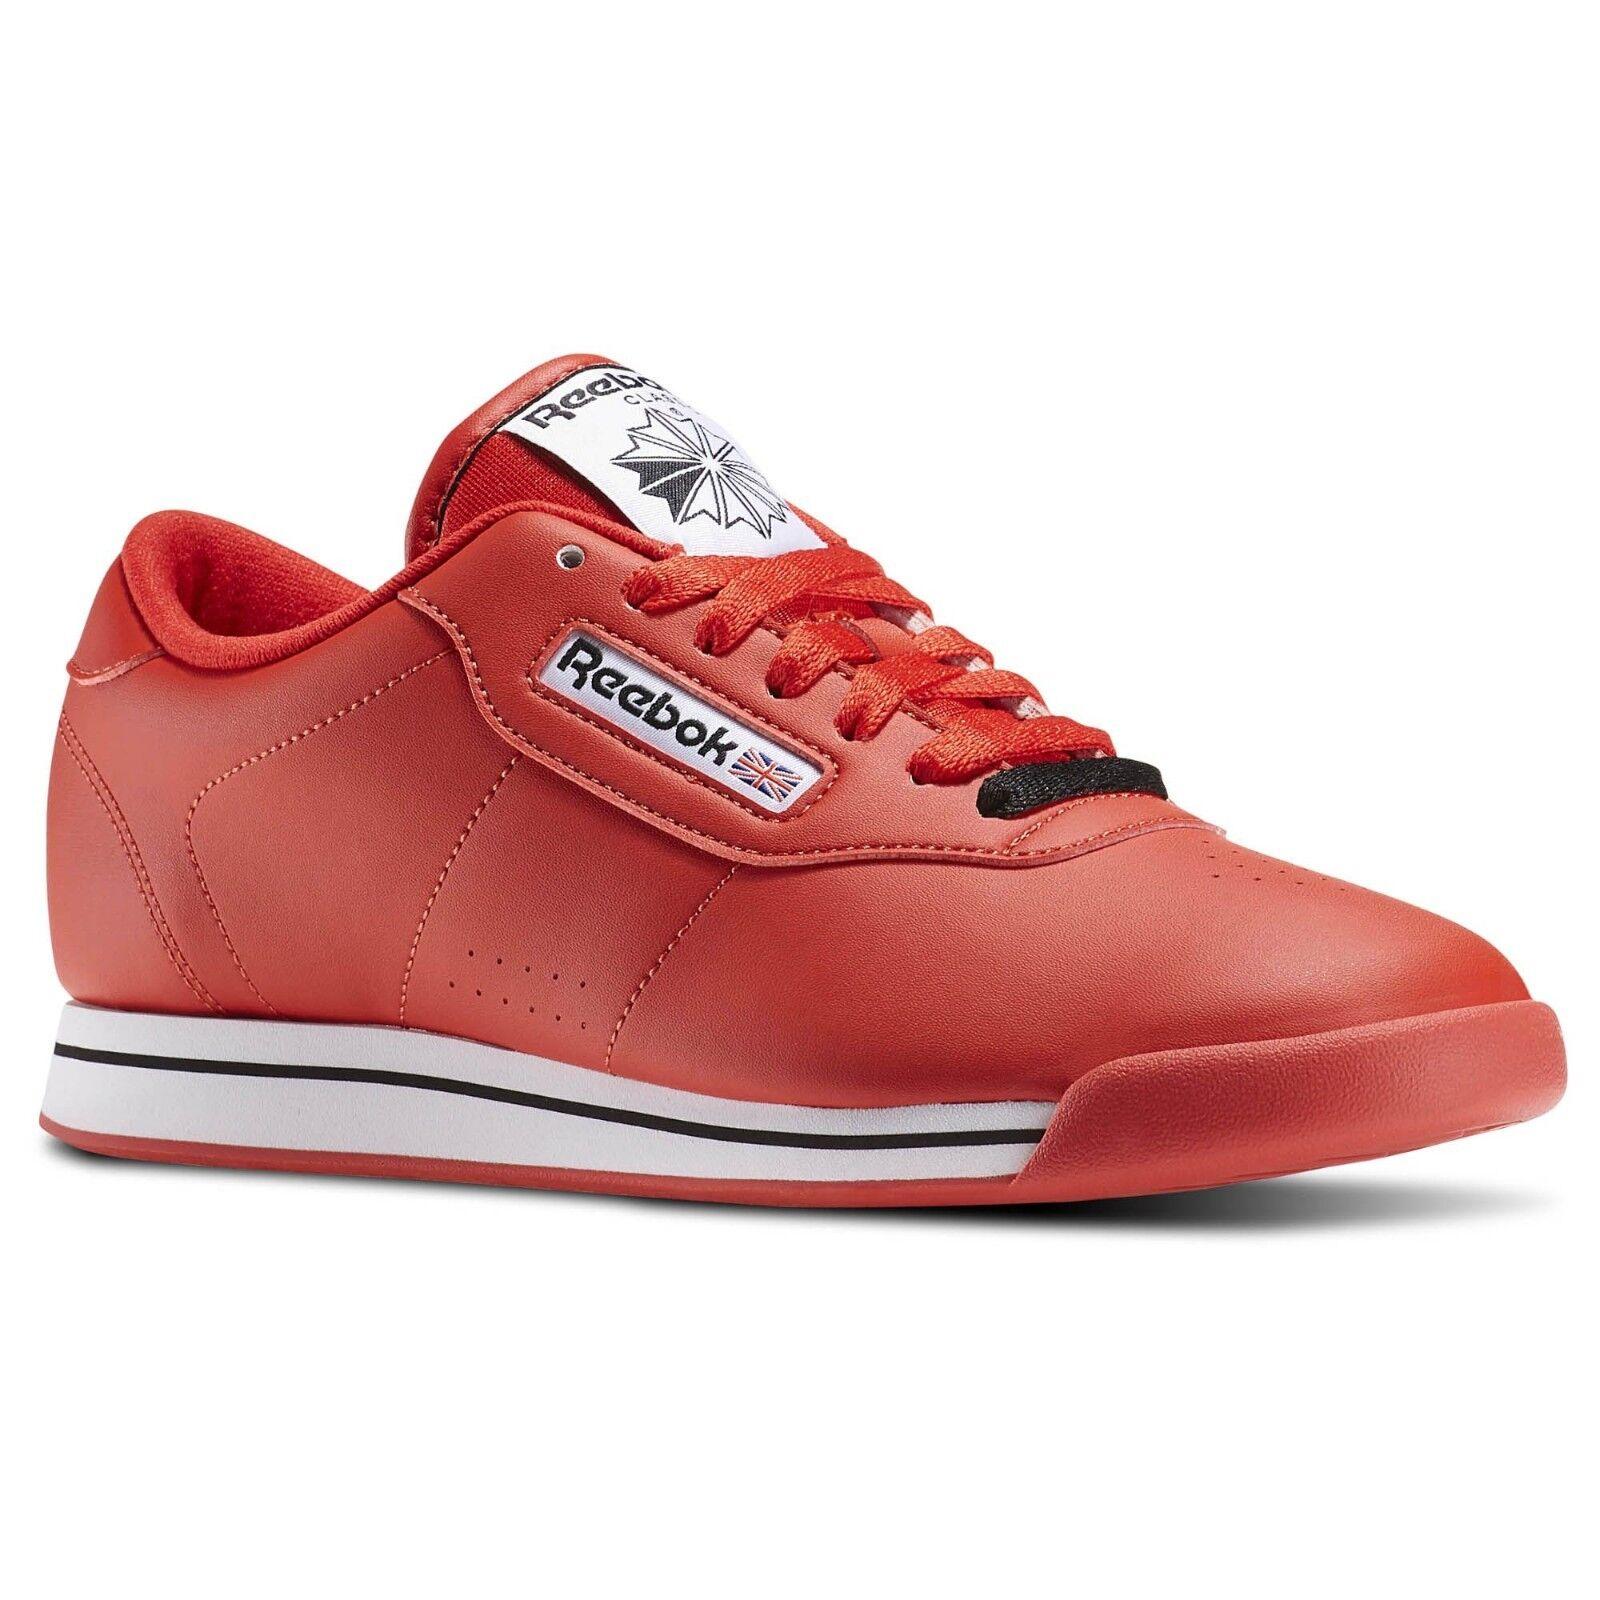 Zapatos De Rojo Cuero Reebok Princess Mujer Rojo De J95025 dada97